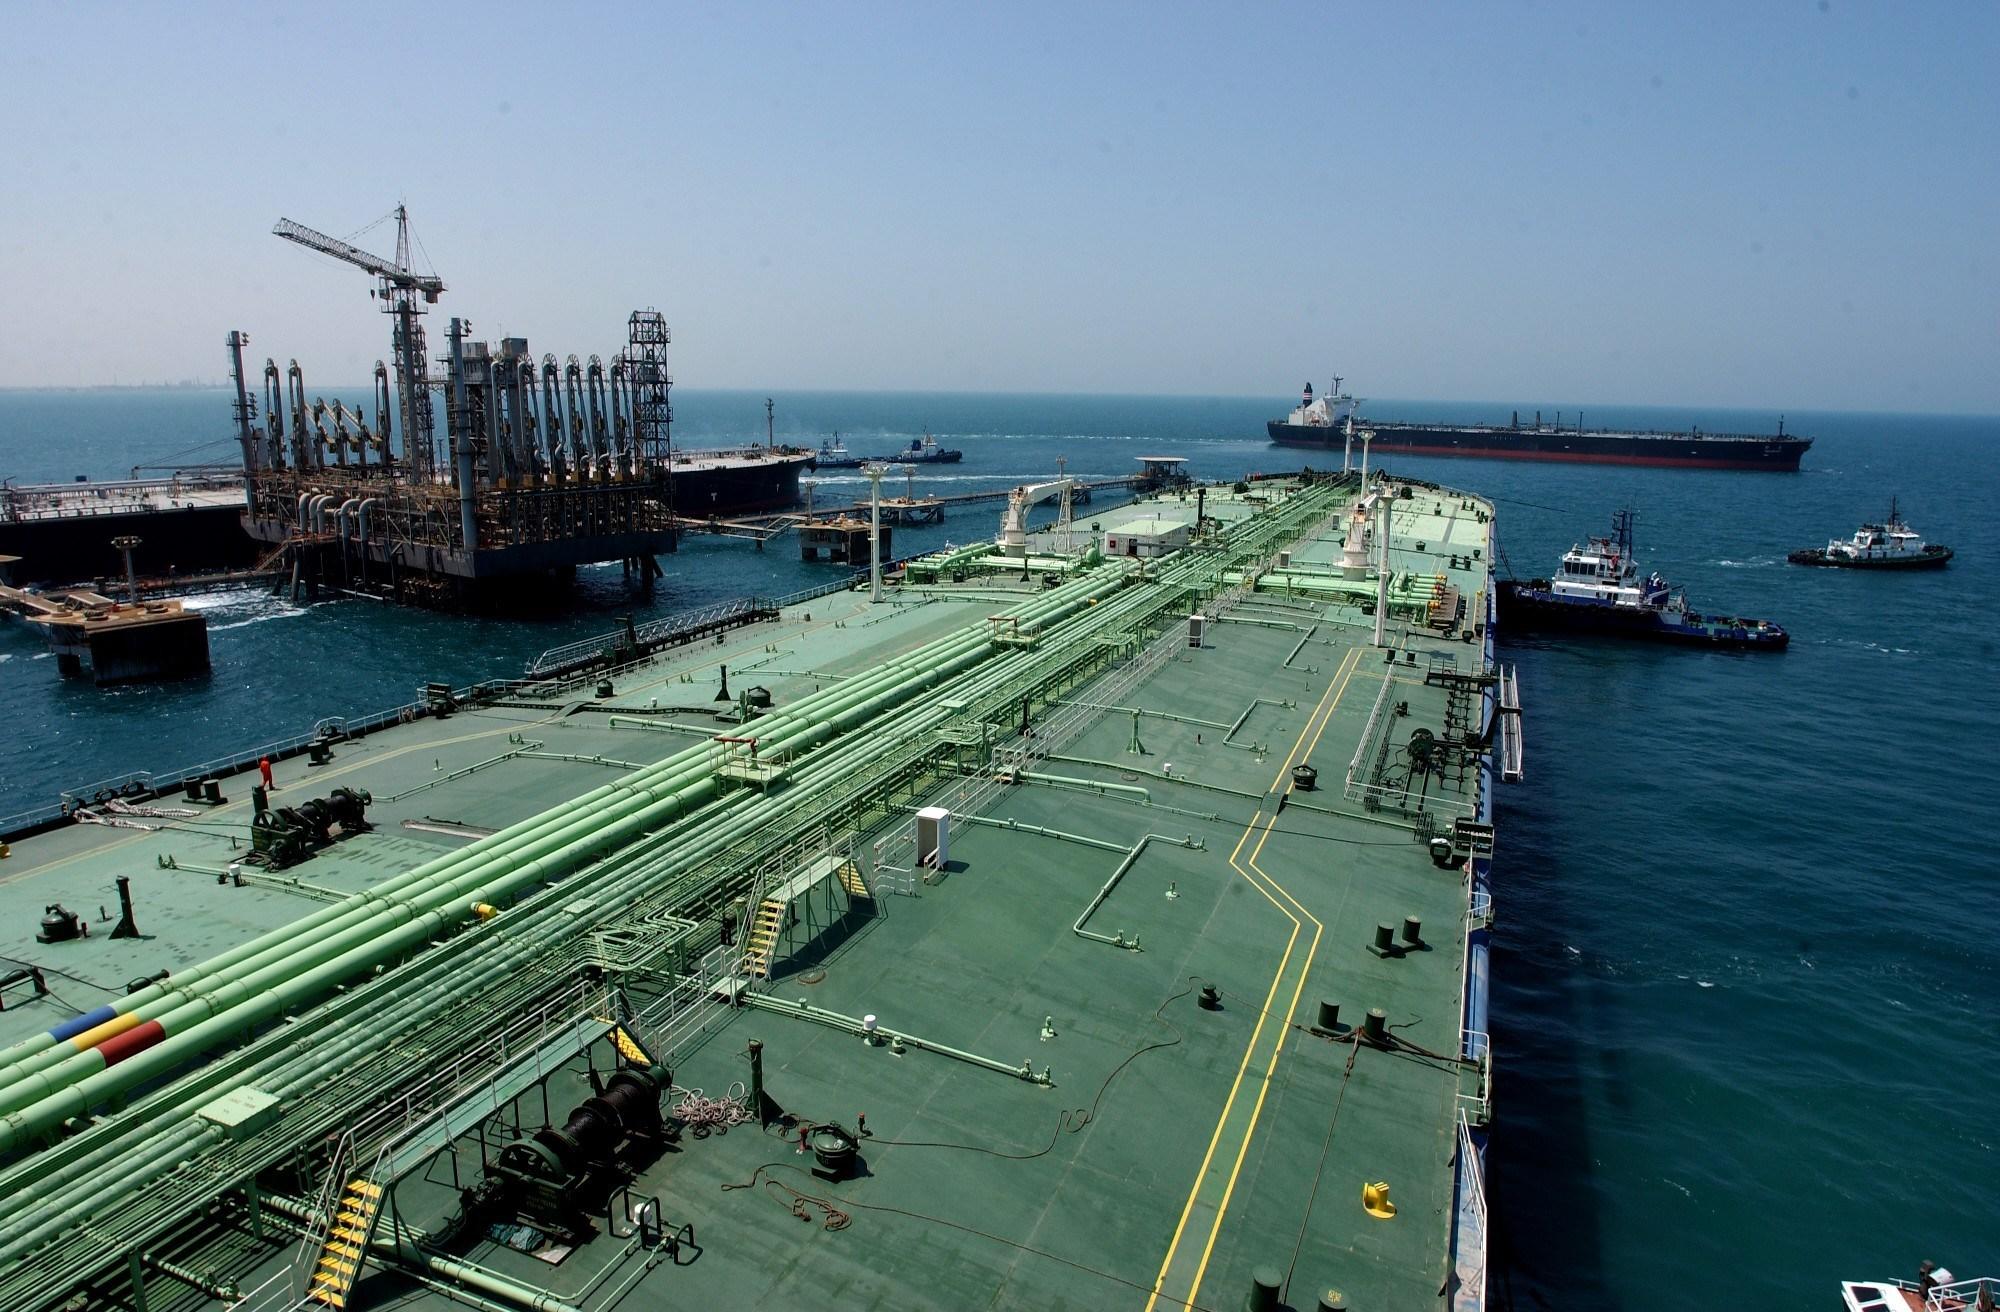 The Ras Tanura oil terminal